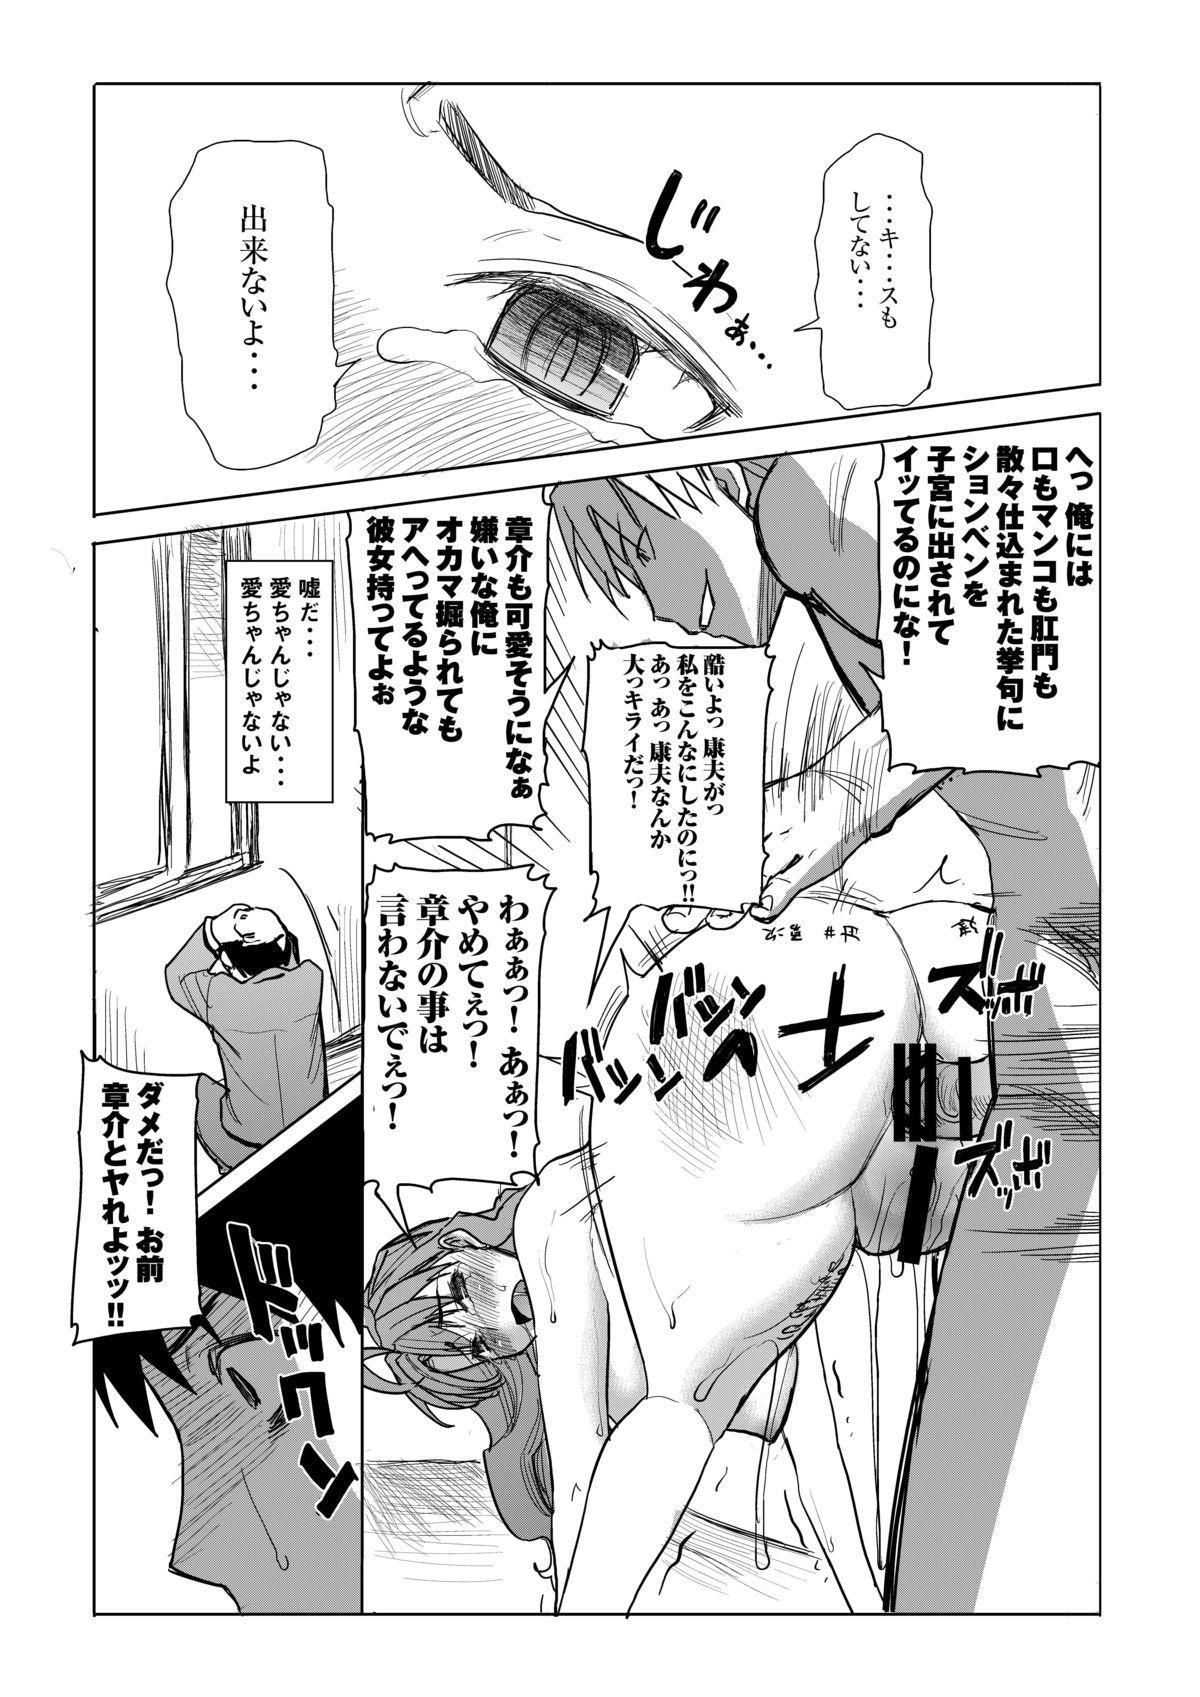 Unsweet Inoue Ai Watashi wa Dare wo Aishiteru no... Daisuki na Koibito... Soretomo Aitsu... act 1 24